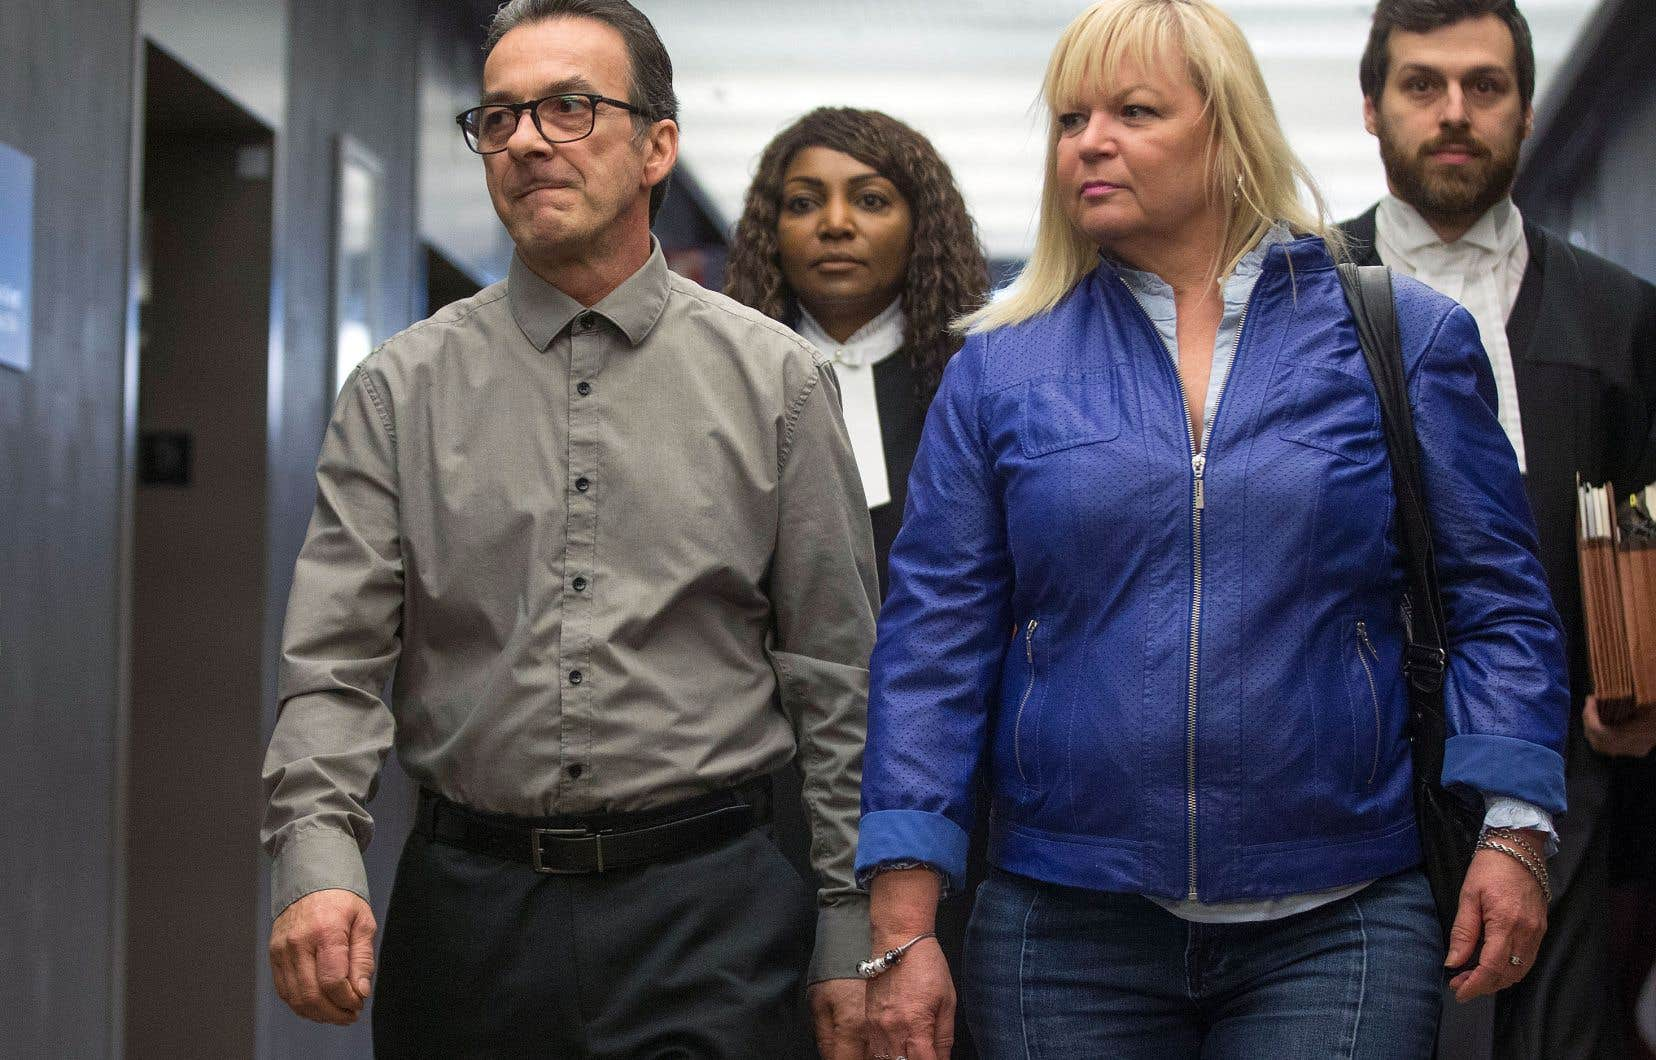 Michel Cadotte, accompagné de sa belle-sœur, Johanne Lizotte, qui a témoigné en sa faveur, et de ses avocats